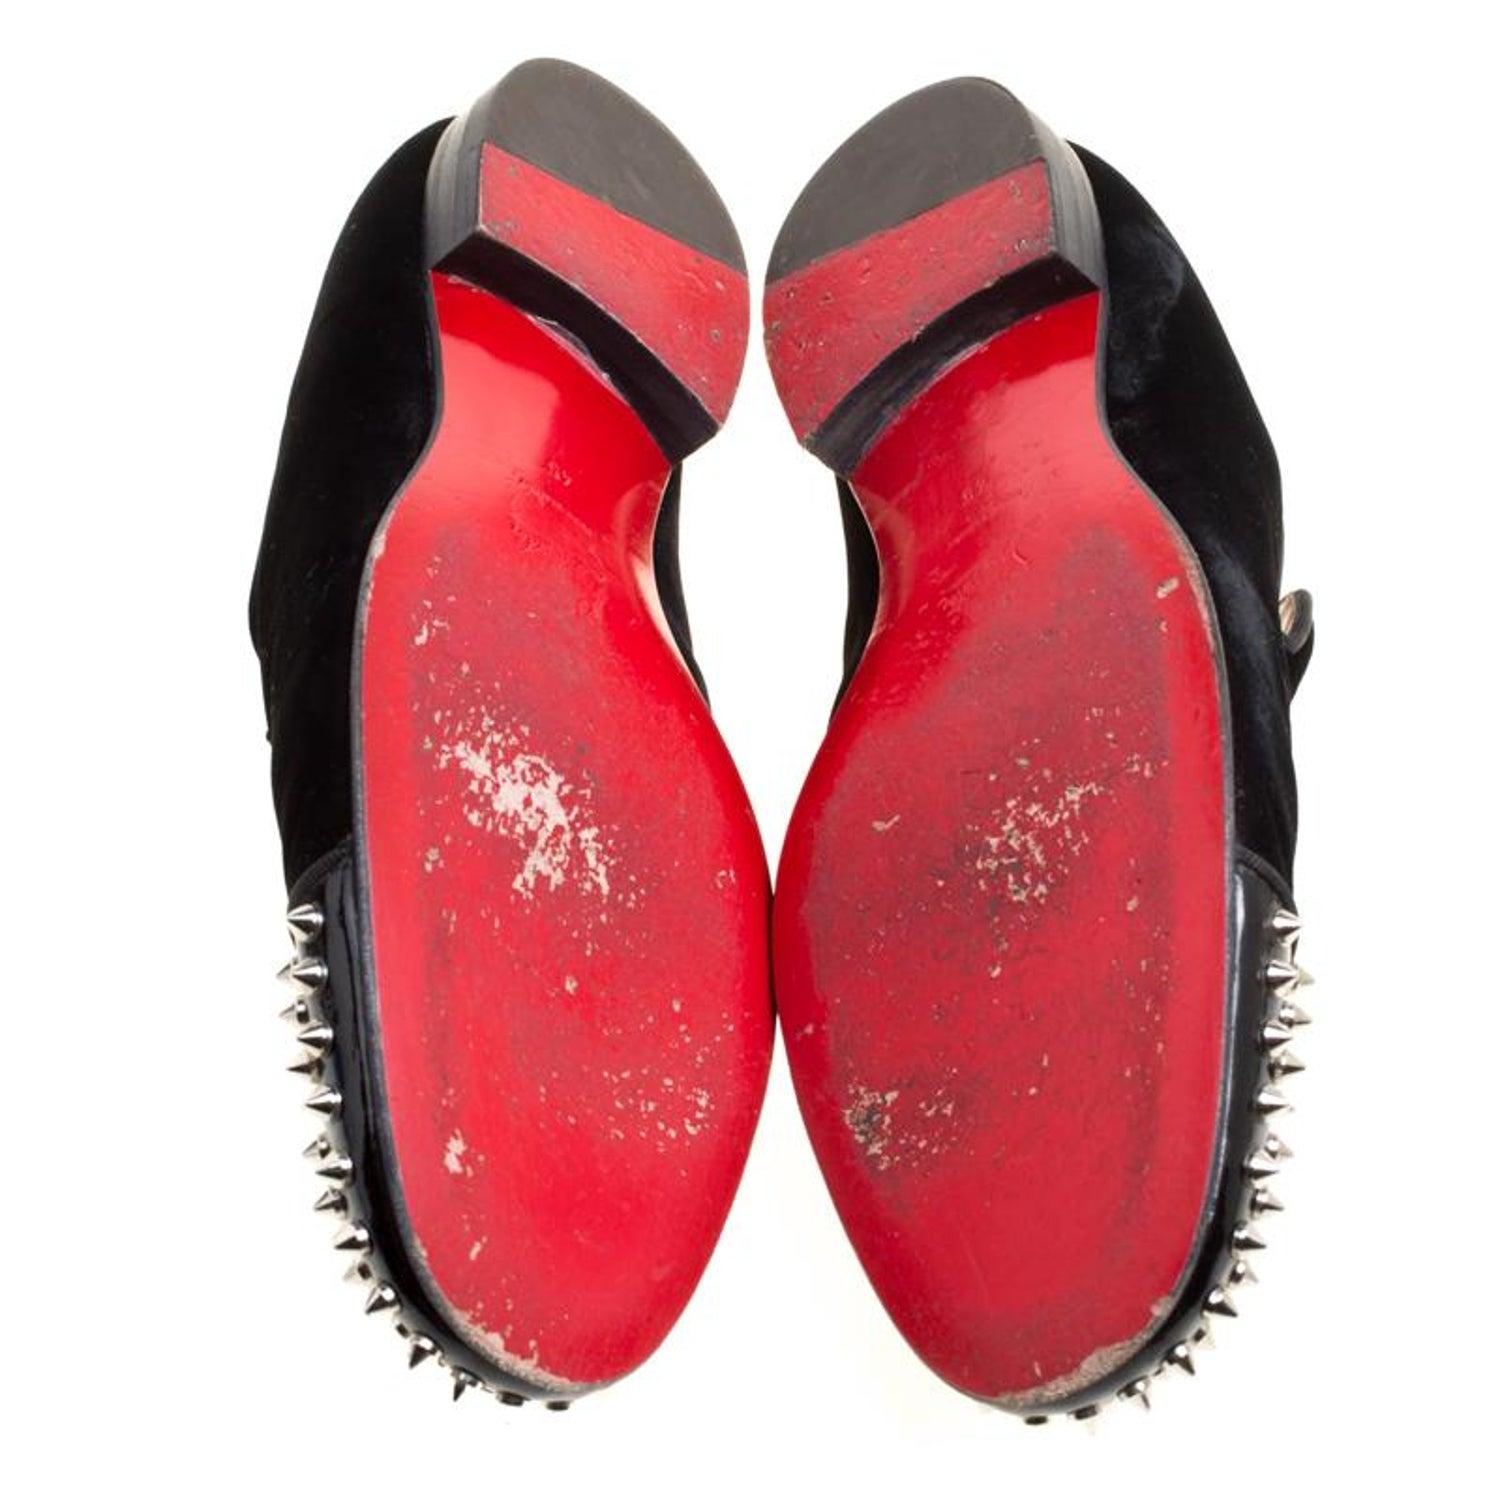 5f9e6afa4319 Christian Louboutin Black Velvet Harvanana Spiked Smoking Slippers Size 45  at 1stdibs